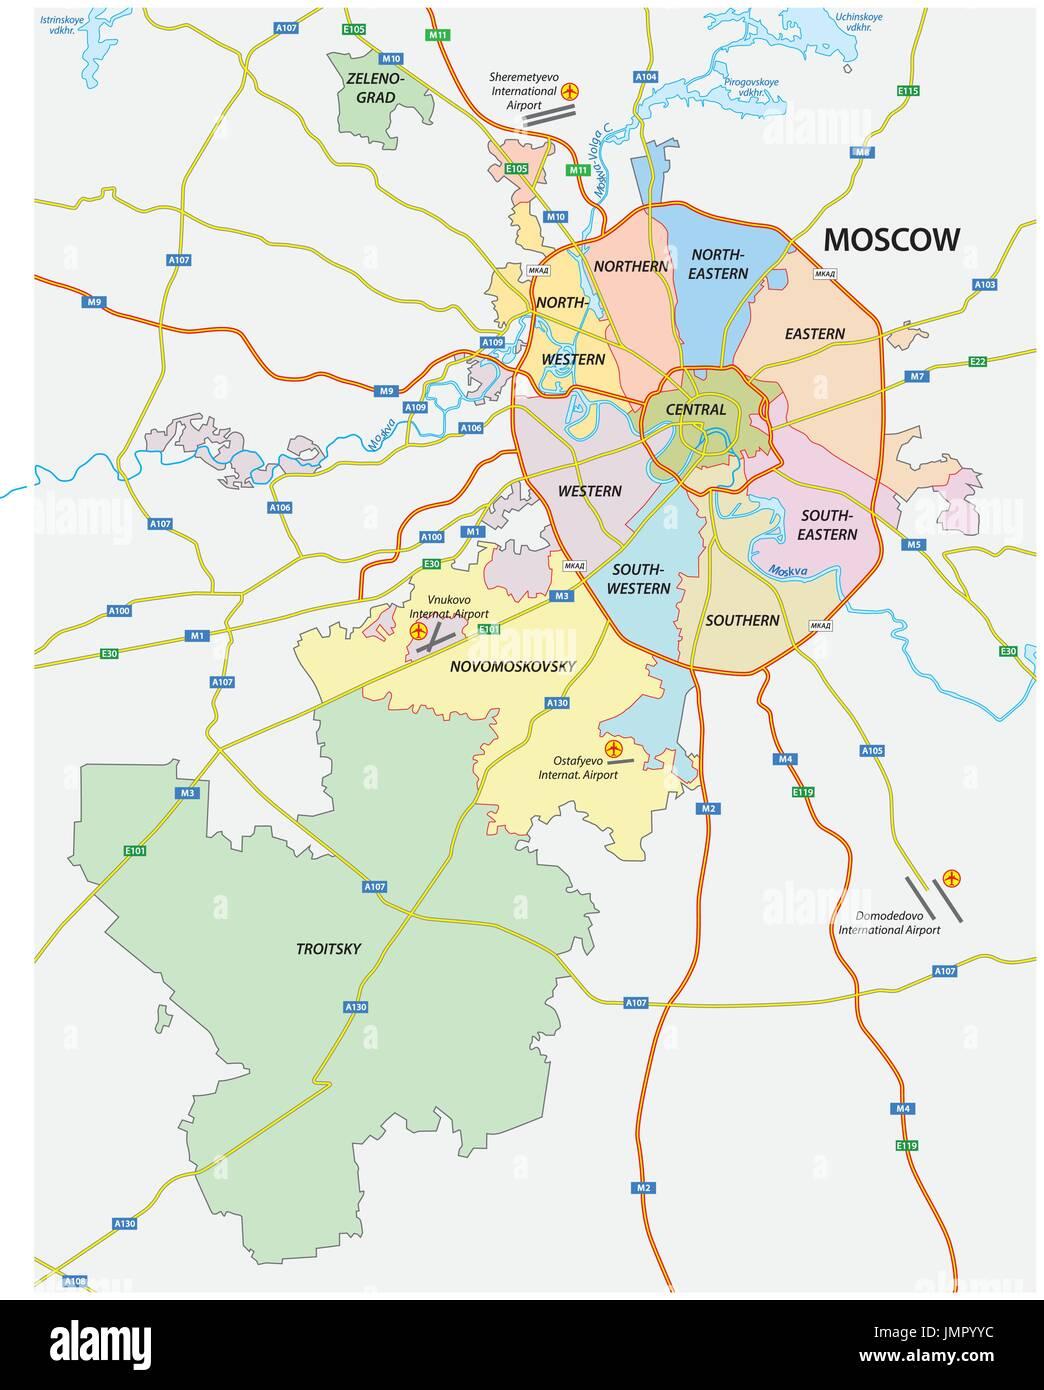 Politica Y Administrativa Y El Mapa De Carreteras De La Capital